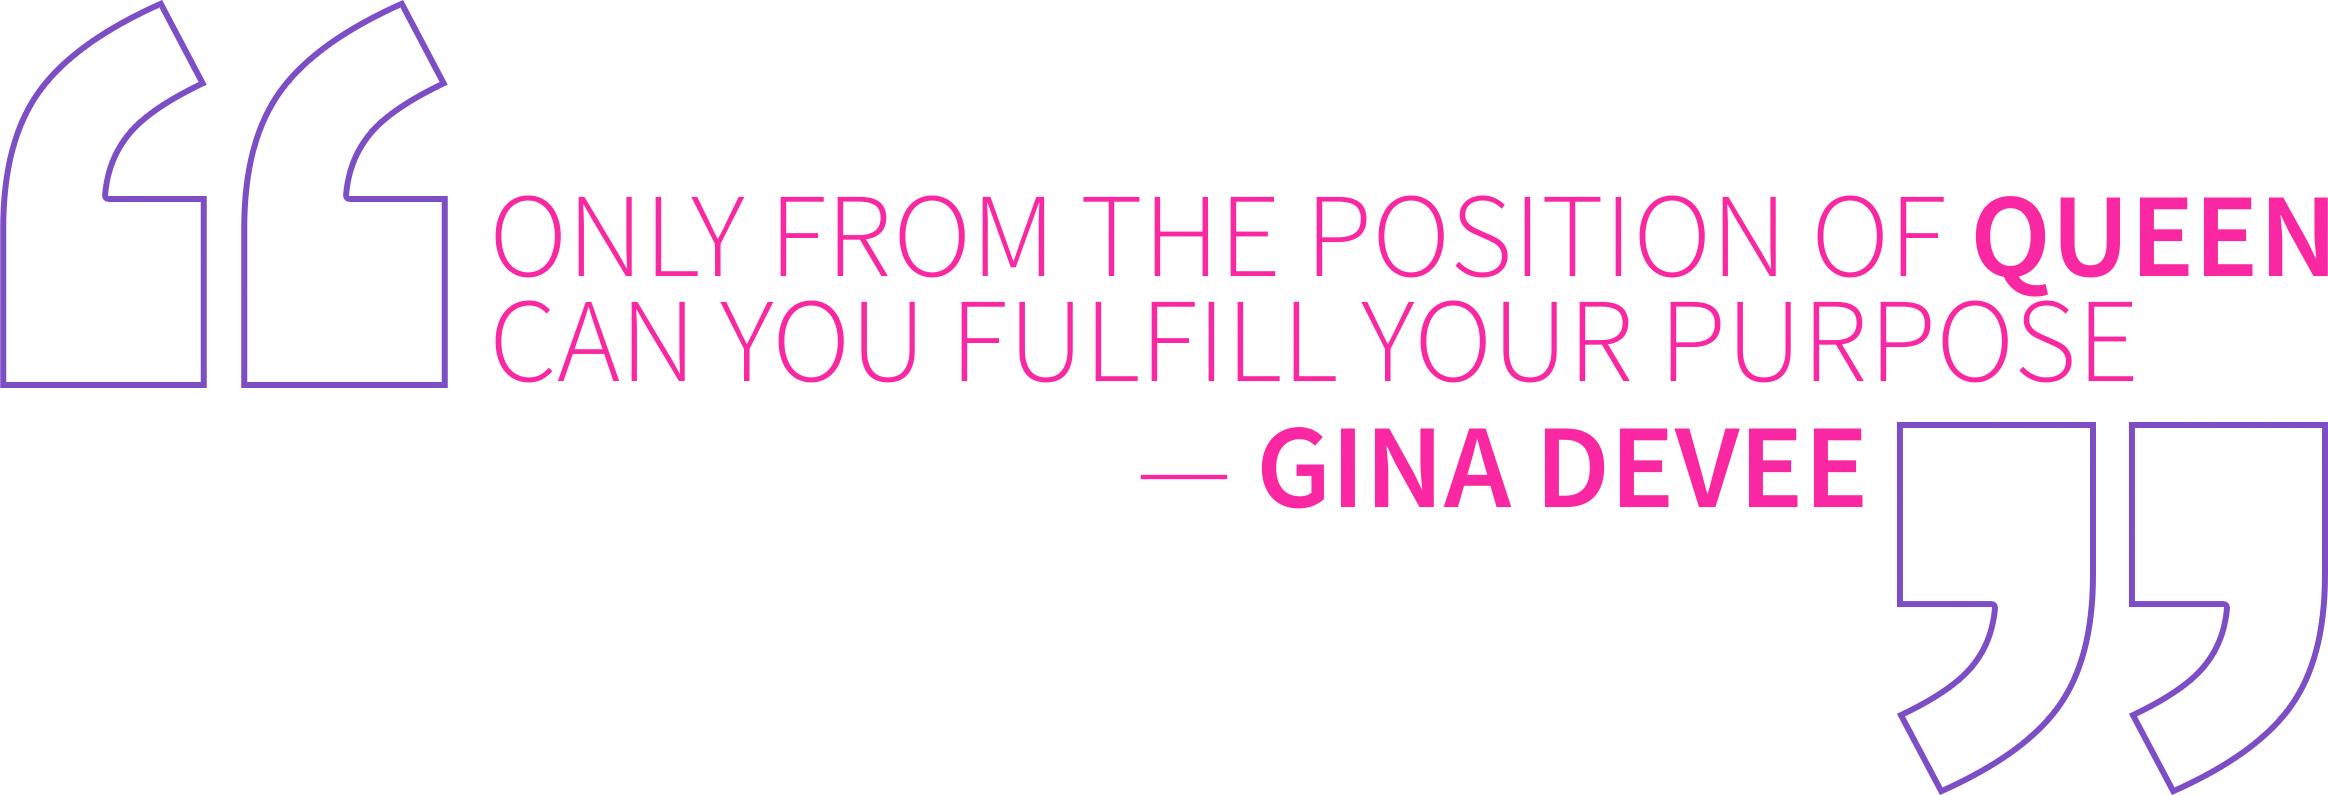 Gina DeVee Quote